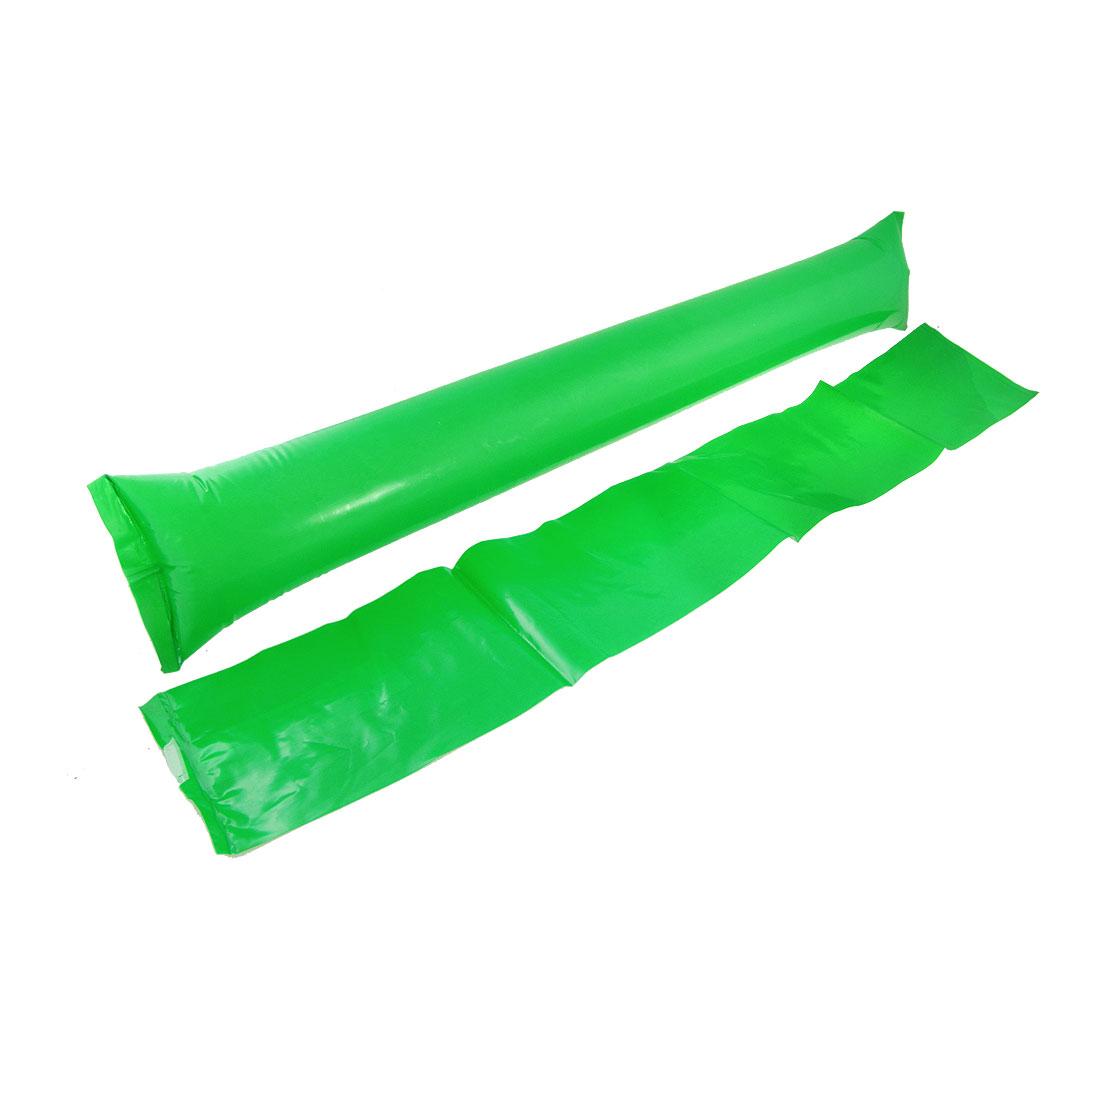 5 Pairs Green Plastic Inflatable Cheer Balloons Bang Bar w Straw